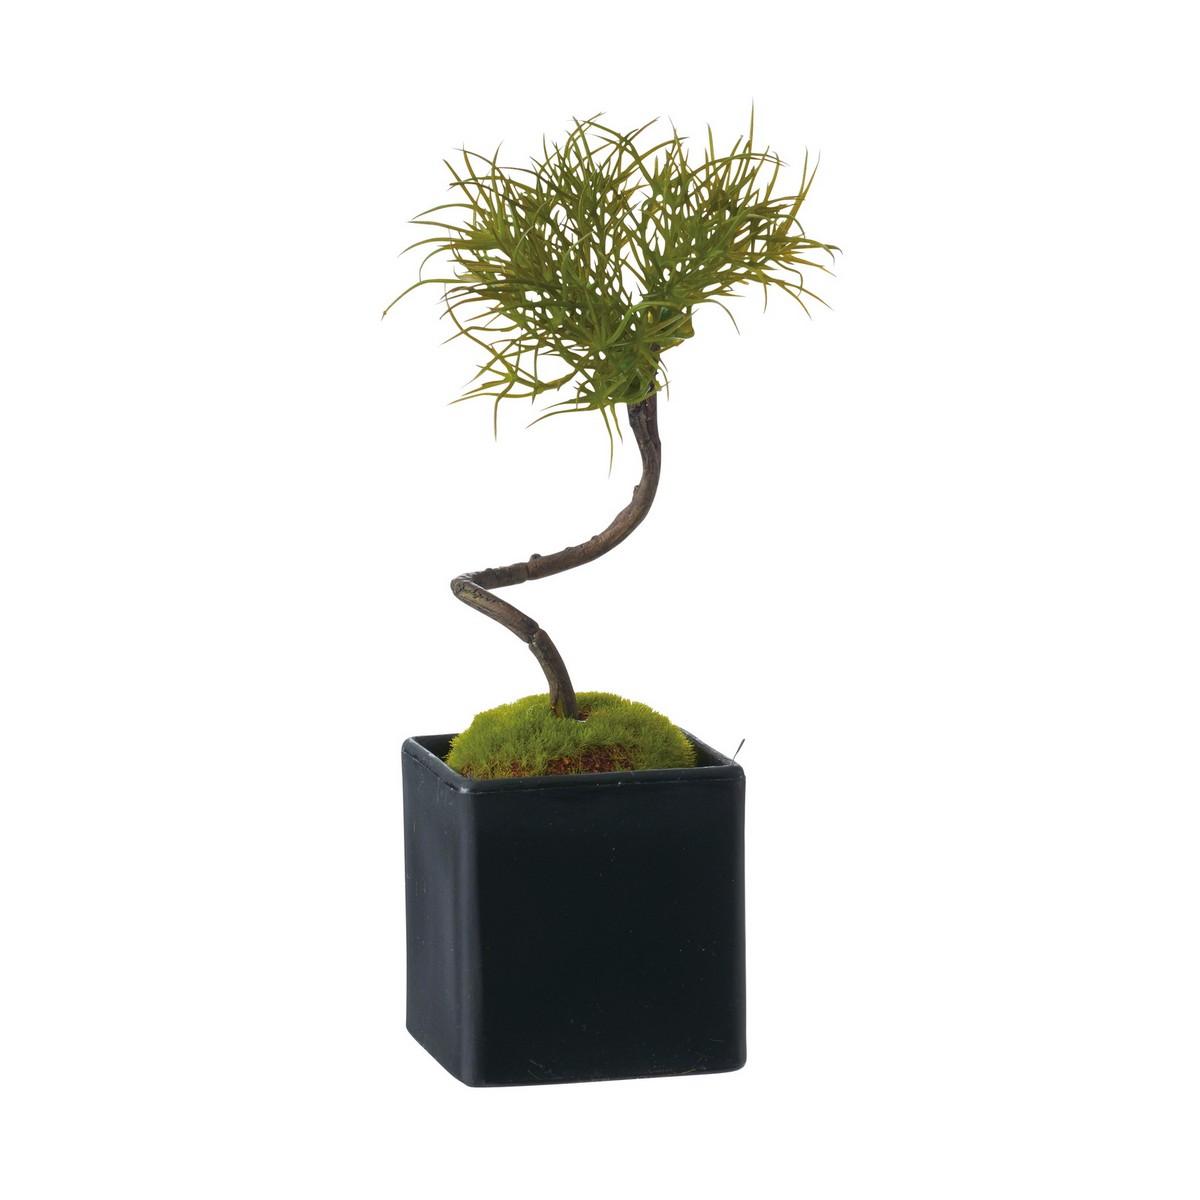 【造花】YDM/松盆栽 グリーン/GLA -1352-GR【01】【取寄】《 造花(アーティフィシャルフラワー) 造花枝物 松、竹 》